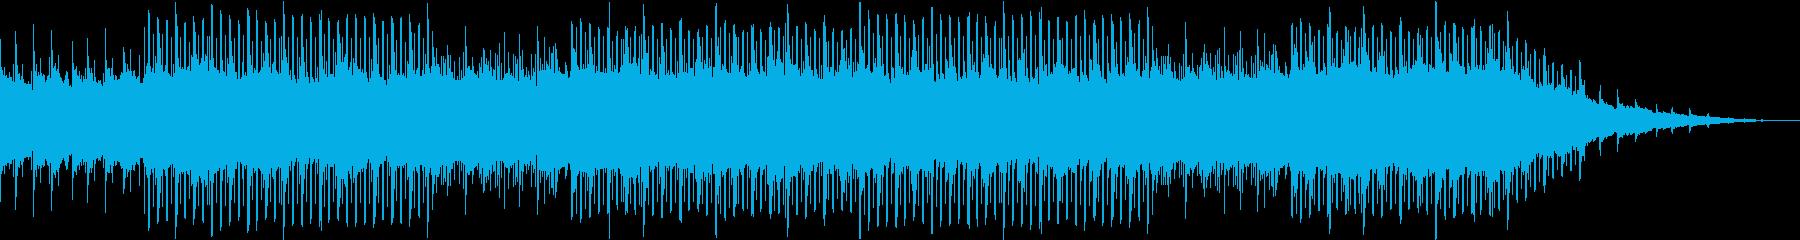 前向きになれるポジティブなEDMの再生済みの波形